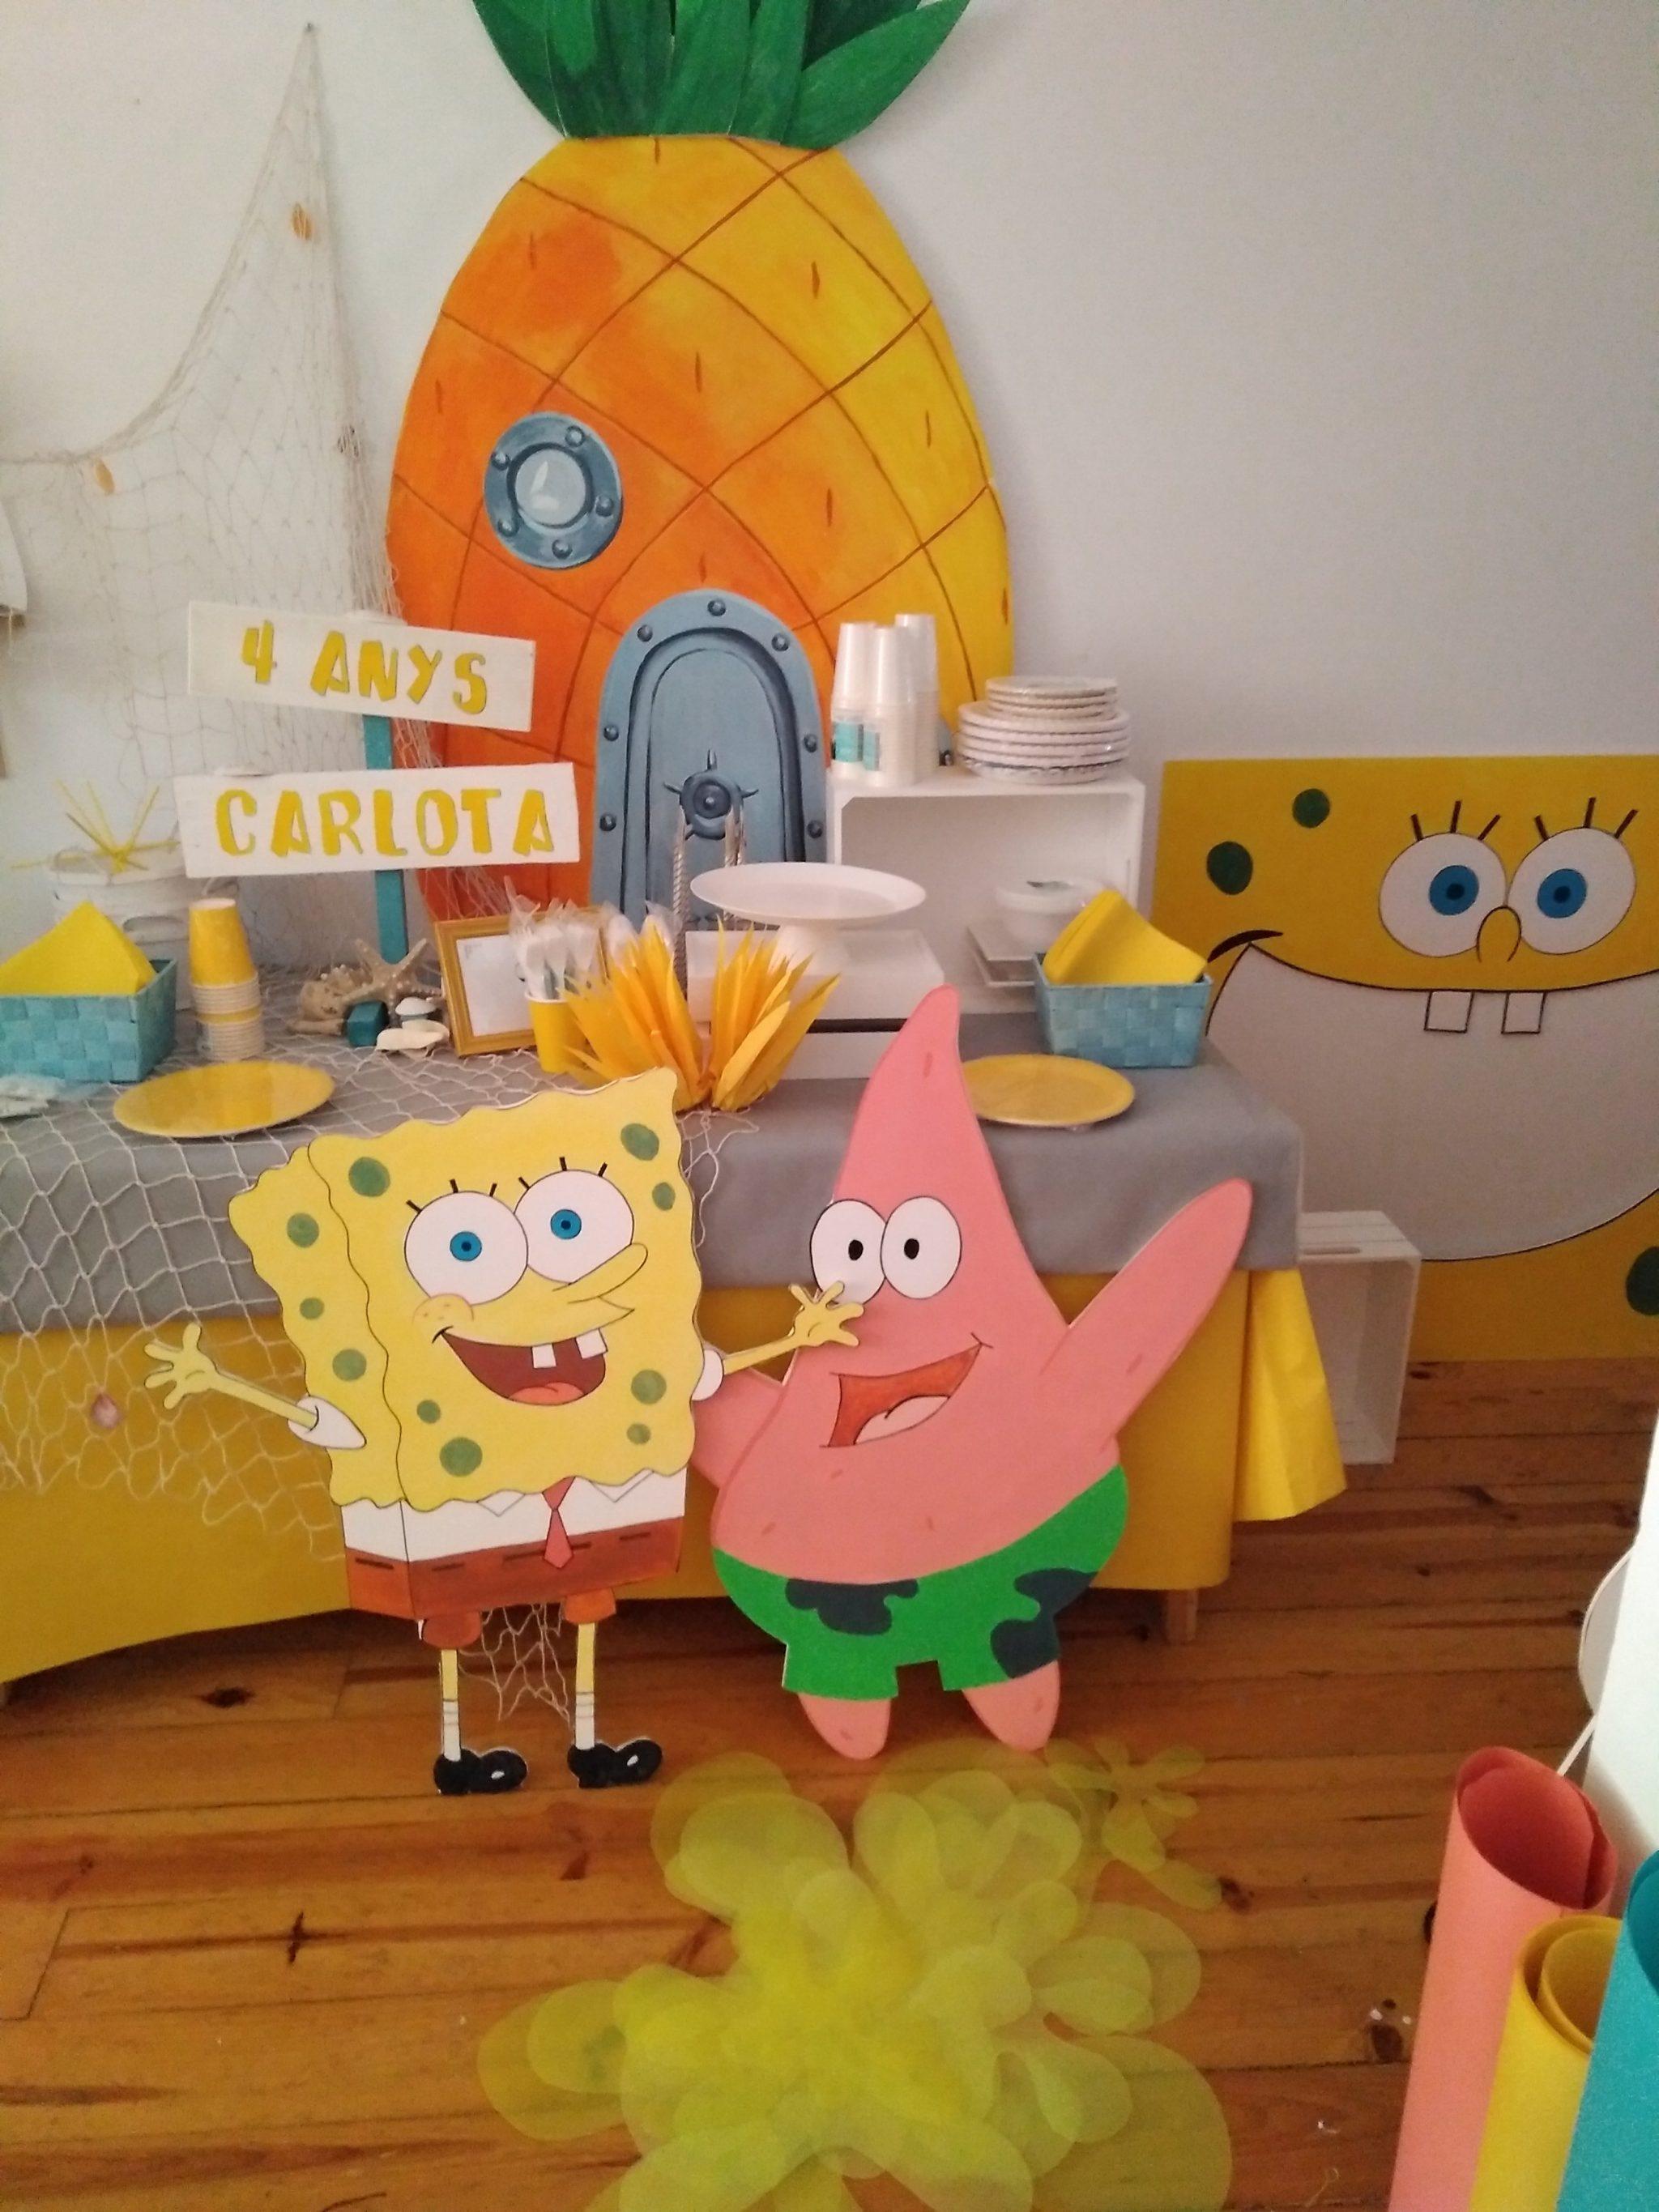 decoración para fiesta de cumpleaños